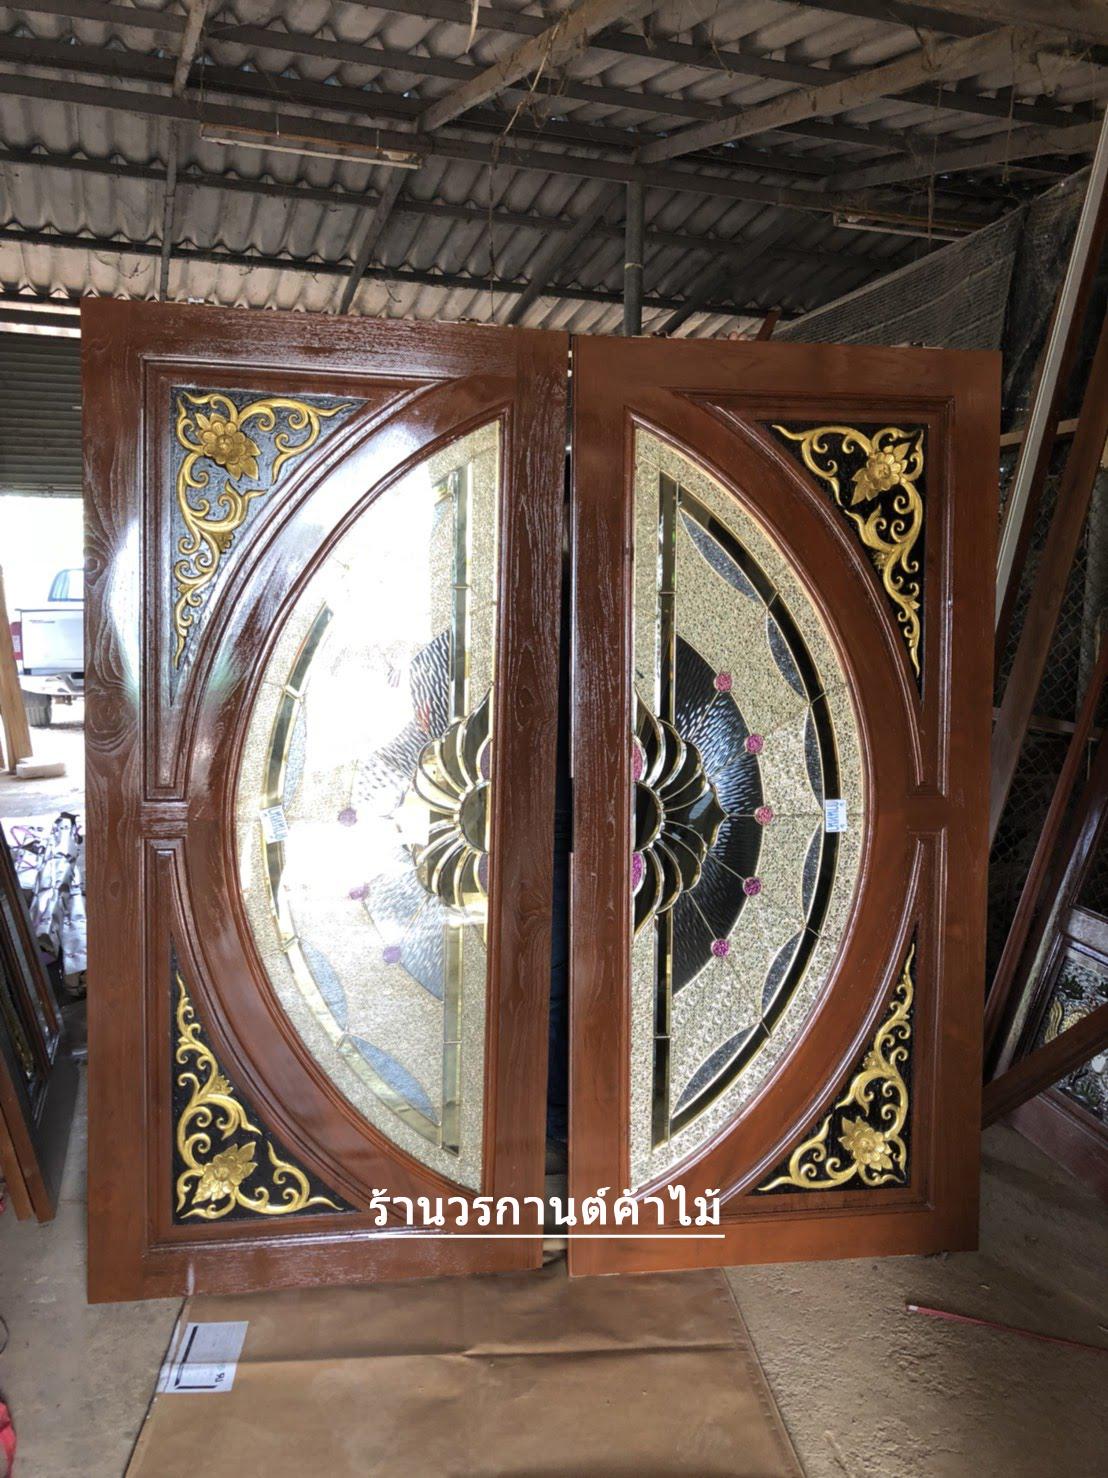 ประตูไม้สักกระจกนิรภัยแตง โมเต็มบาน ชุด 4ชิ้น เกรด A รหัส AAA59